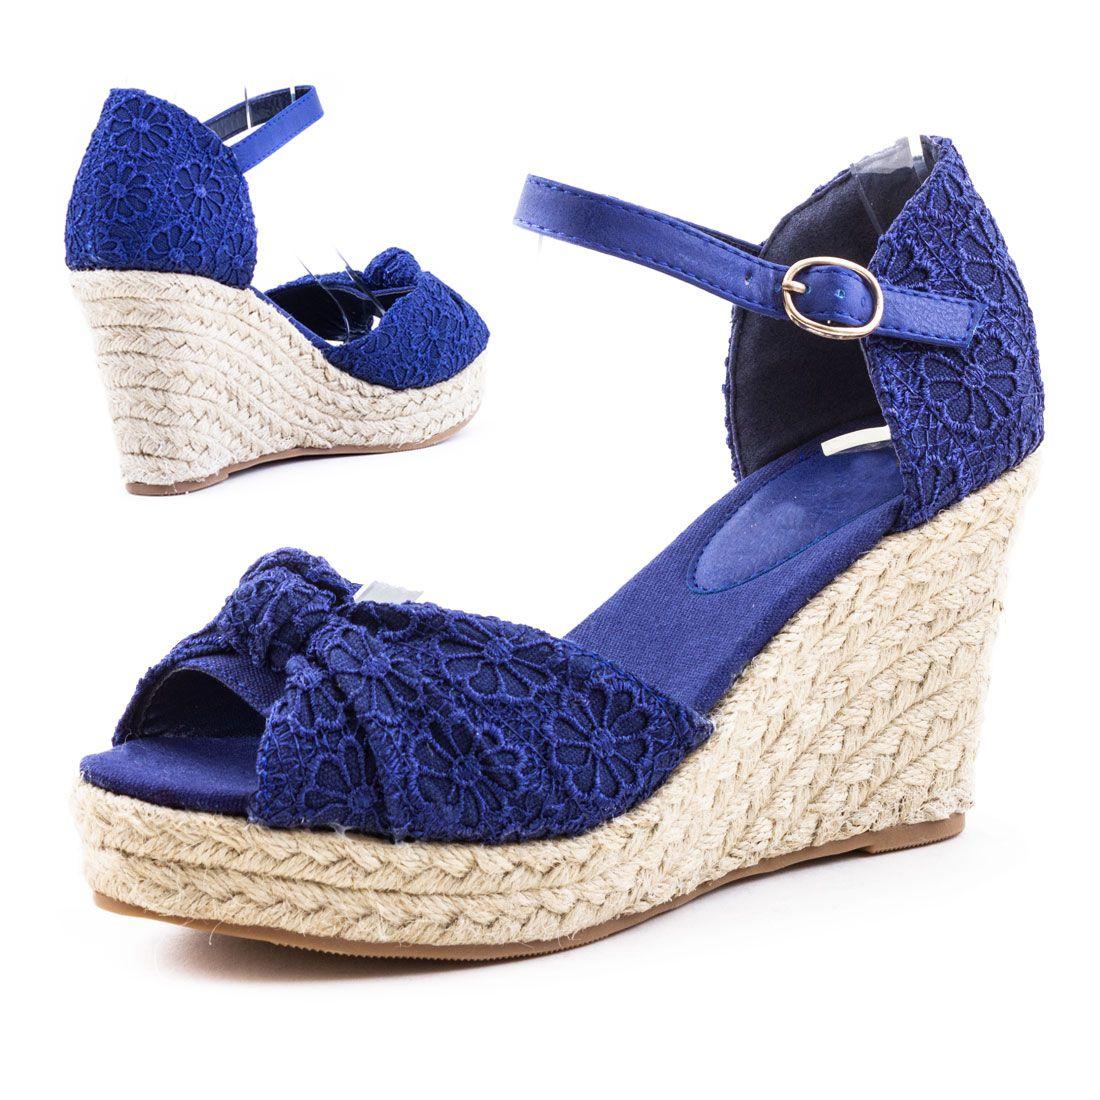 Neu Damen Keilabsatz Plateau Sommer Sandalen Wedges Schuhe Gr 36 37